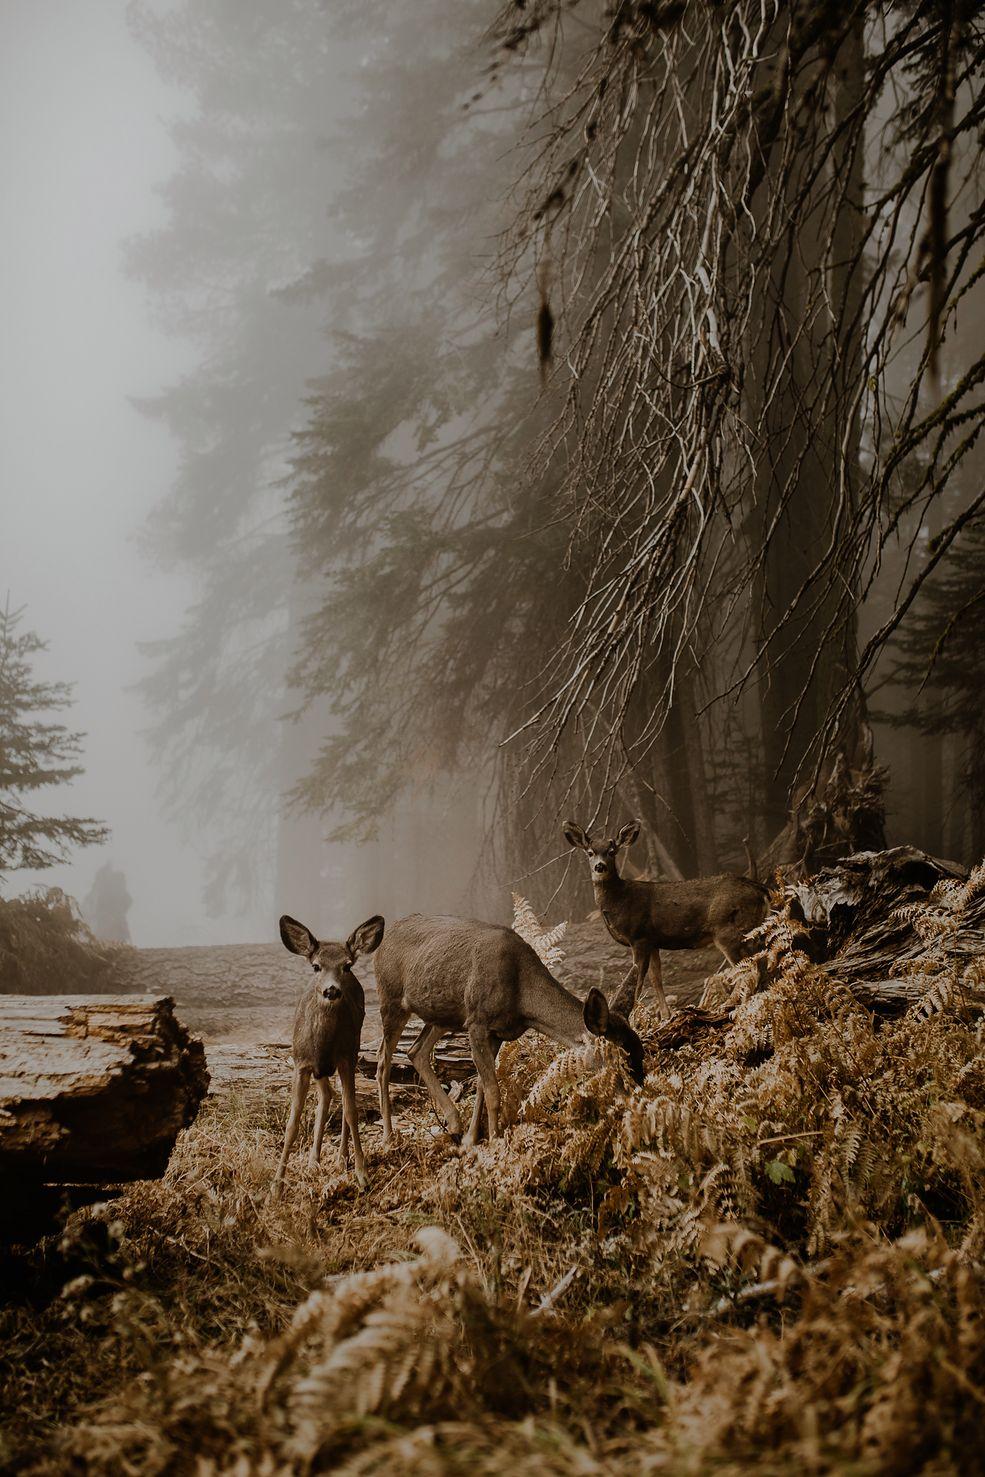 """Marcin Watemborski: Twoje zdjęcie zajęło pierwsze miejsce w kategorii """"Wildlife"""" w konkursie otwartym, a ty zdobyłaś nagrodę National Awards w konkursie Sony World Photography Awards 2018. Mogłabyś opowiedzieć historię jego powstania?  Justyna Zduńczyk: To zdjęcie zrobiła w Sequoia National Park w Kaliforni, w Stanach Zjednoczonych. Tuż przed tym, jak mieliśmy wyjeżdżać, zobaczyłam cudowną polanę i złapałam aparat. Poprosiłam mojego narzeczonego, by chwilę poczekał i pobiegłam zrobić zdjęcie.   Zrobiłam kilka zdjęć i usłyszałam trzask gałązek. Nogi się pode mną ugięły, ponieważ w tym parku narodowym mieszkają niedźwiedzie, które są bardzo niebezpieczne i trzeba na nie uważać. Była mgła i zupełnie nie wiedziałam, co za zwierze może mnie za chwilę zaatakować. Na szczęście okazało się, że były to mulaki, które też tam żyją.   Jeden z nich był bardzo ciekawski. Podszedł do mnie i stanął nos w nos. Powąchał mnie i poszedł sobie dalej. Chwilę później dołączyły inne jelonki i zapozowały do portretu rodzinnego. Udało mi się go spokojnie sfotografować, a zwierzęta jadły w tym czasie kolacje – nie uciekały. Siedziałam tam chwilę z nimi – to było przepiękne. Dobrze to wspominam i dlatego uwielbiam to zdjęcie."""